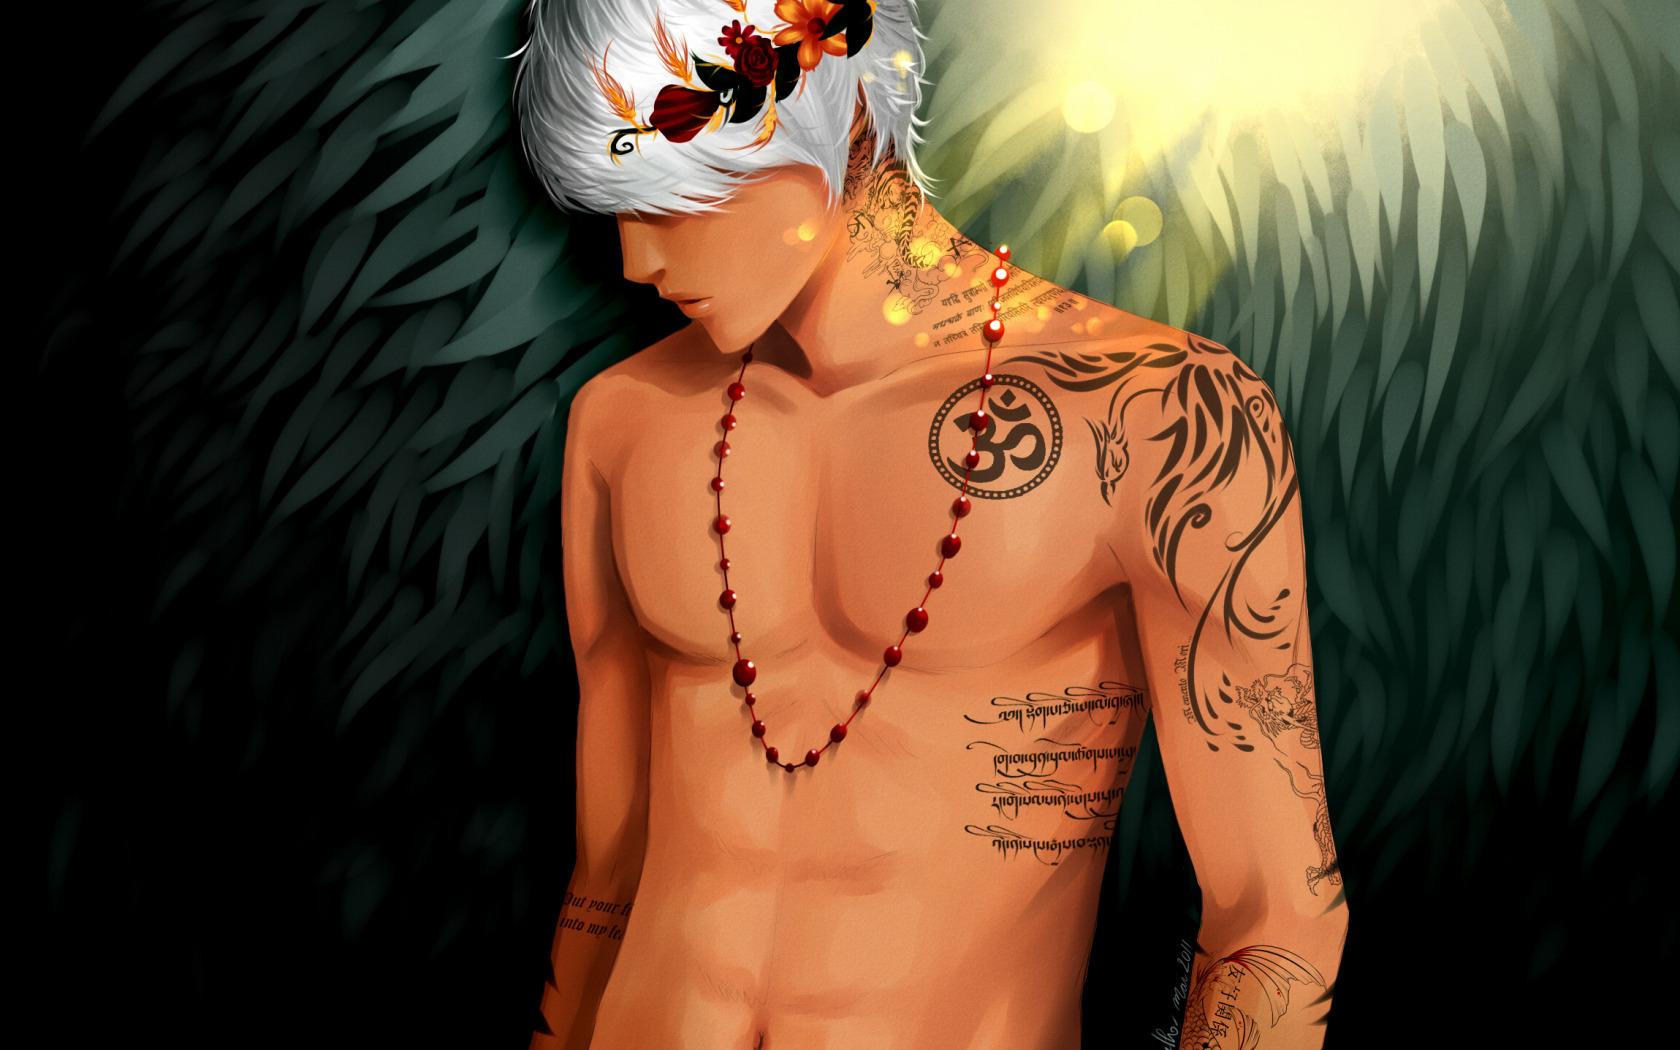 Рисунок парень с татуировкой на